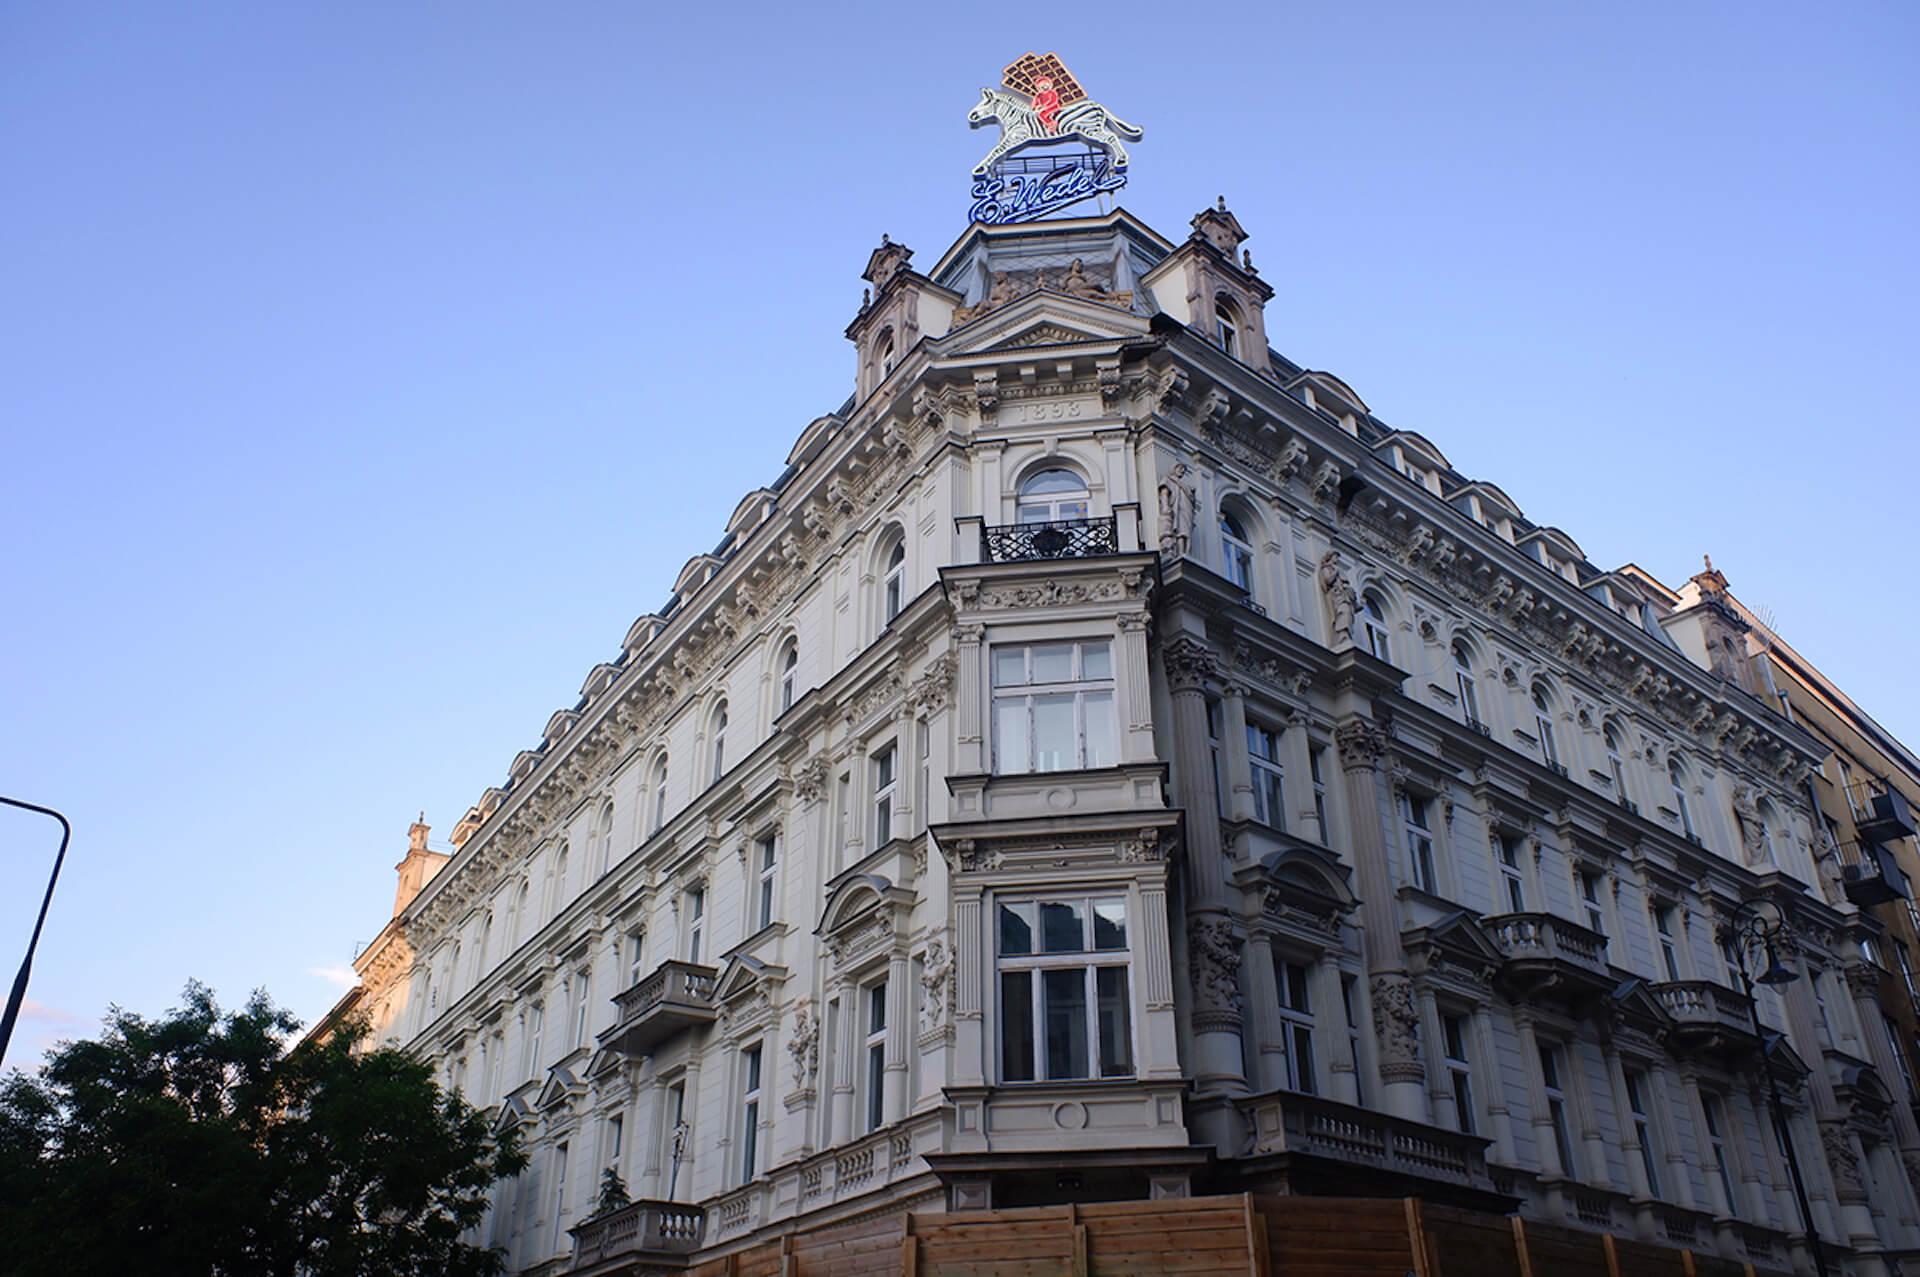 """ポーランドの""""斜めに傾いた5つ星ホテル""""『The Hotel Warszawa』で行われた非日常なパーティーをレポート! art190919_hotelwarszawa_4"""